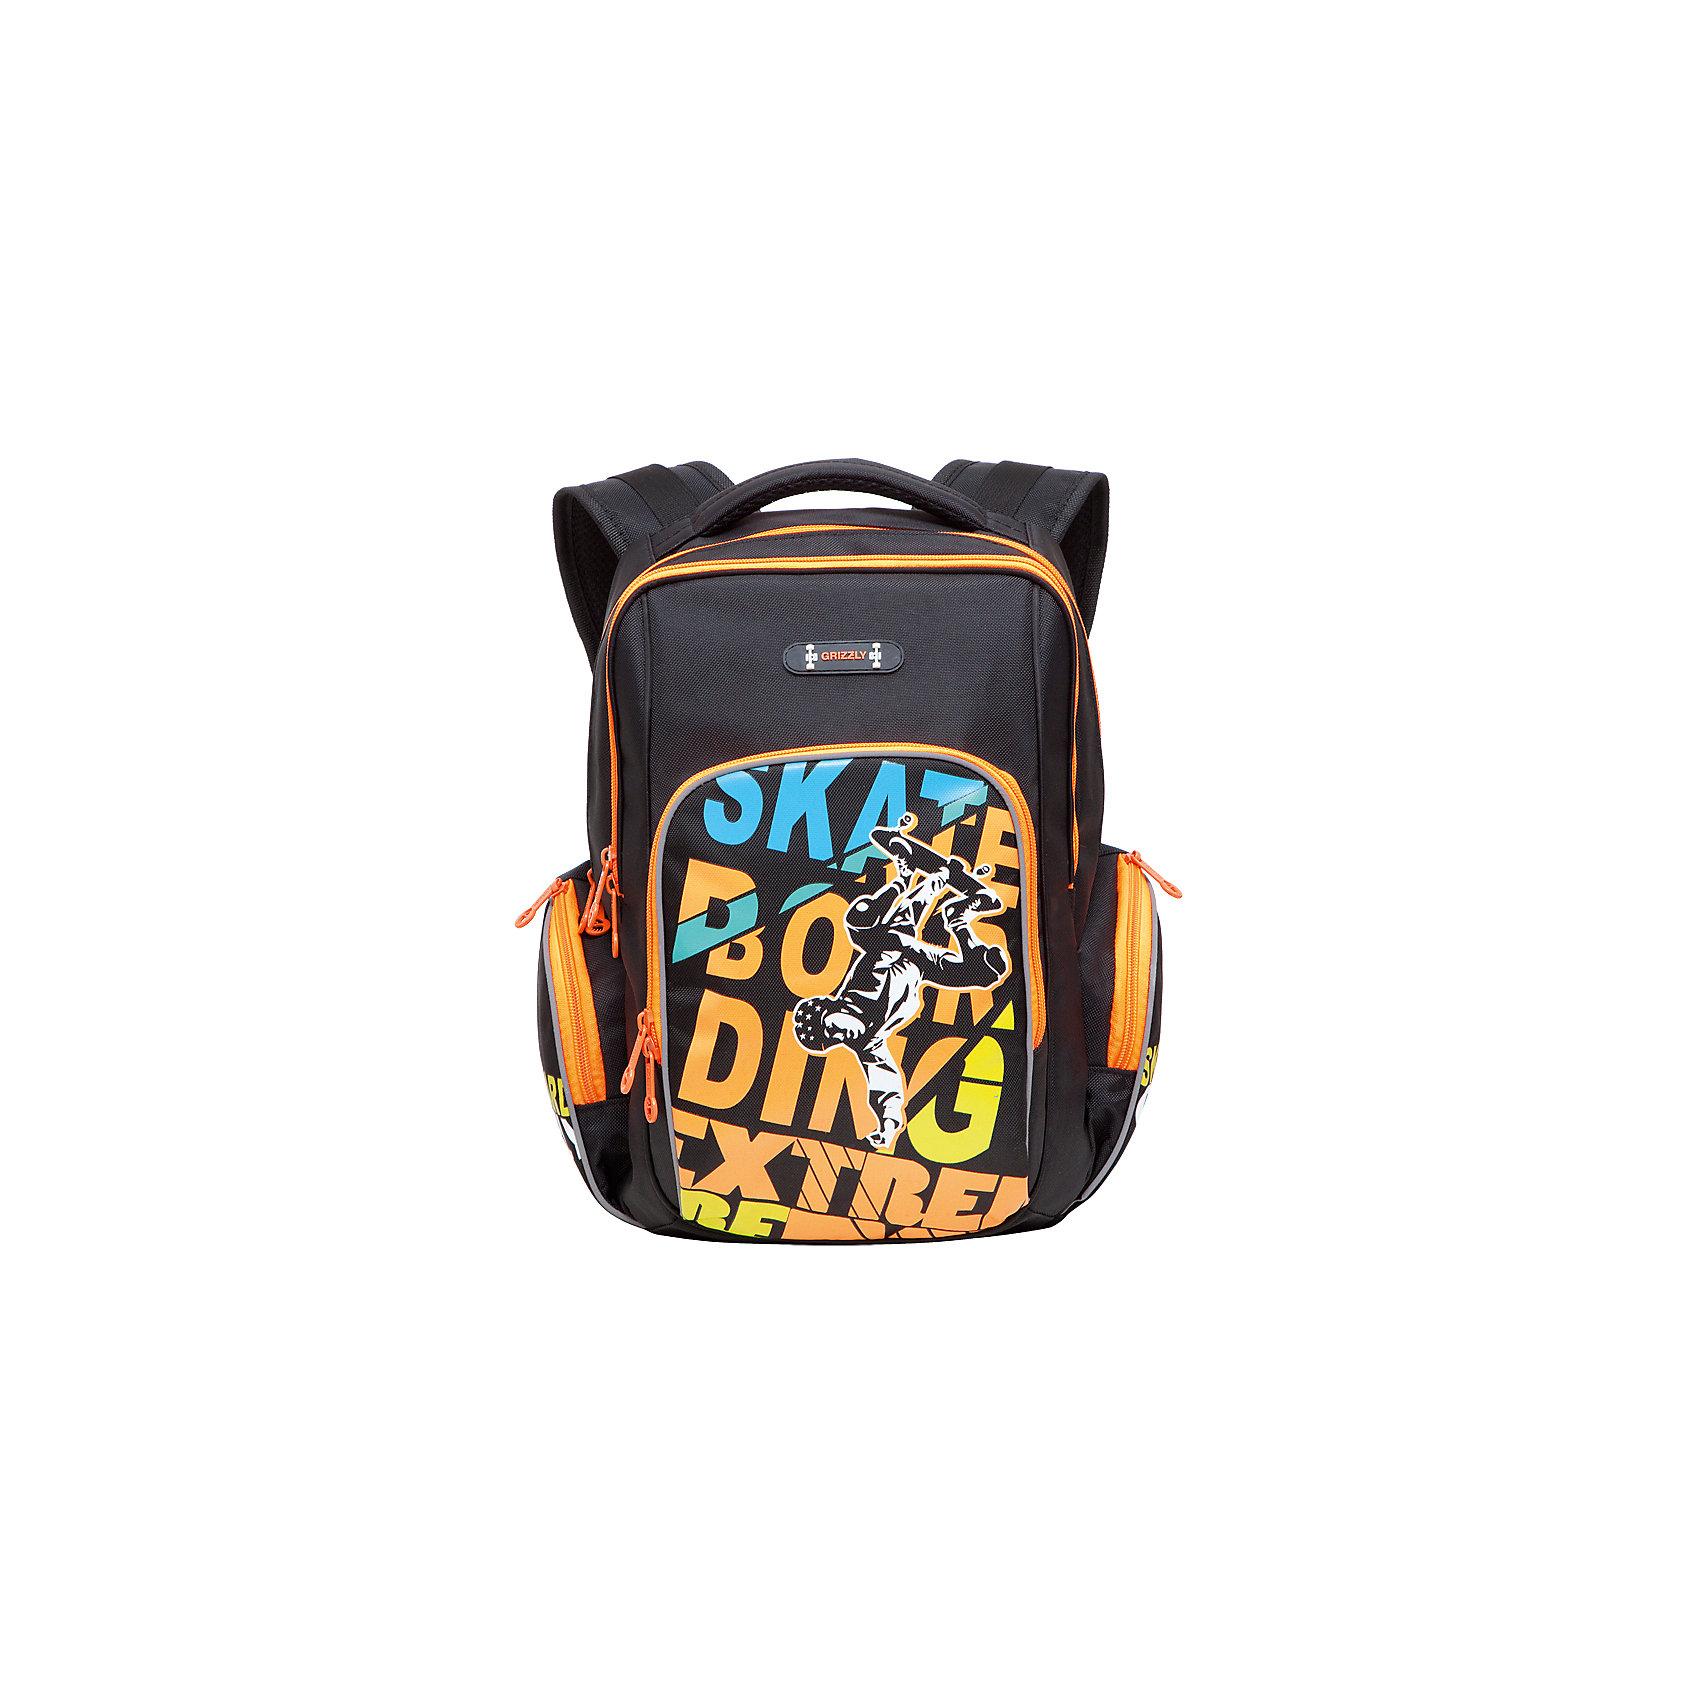 Рюкзак школьный Grizzly, черный - оранжевыйРюкзаки<br>Рюкзак школьный, два отделения, объемный карман на молнии на передней стенке, объемные боковые карманы на молнии, внутренний карман, жесткая анатомическая спинка, мягкая укрепленная ручка, укрепленные лямки, светоотражающие элементы с четырех сторон<br><br>Ширина мм: 270<br>Глубина мм: 190<br>Высота мм: 380<br>Вес г: 763<br>Возраст от месяцев: 72<br>Возраст до месяцев: 2147483647<br>Пол: Мужской<br>Возраст: Детский<br>SKU: 6939838